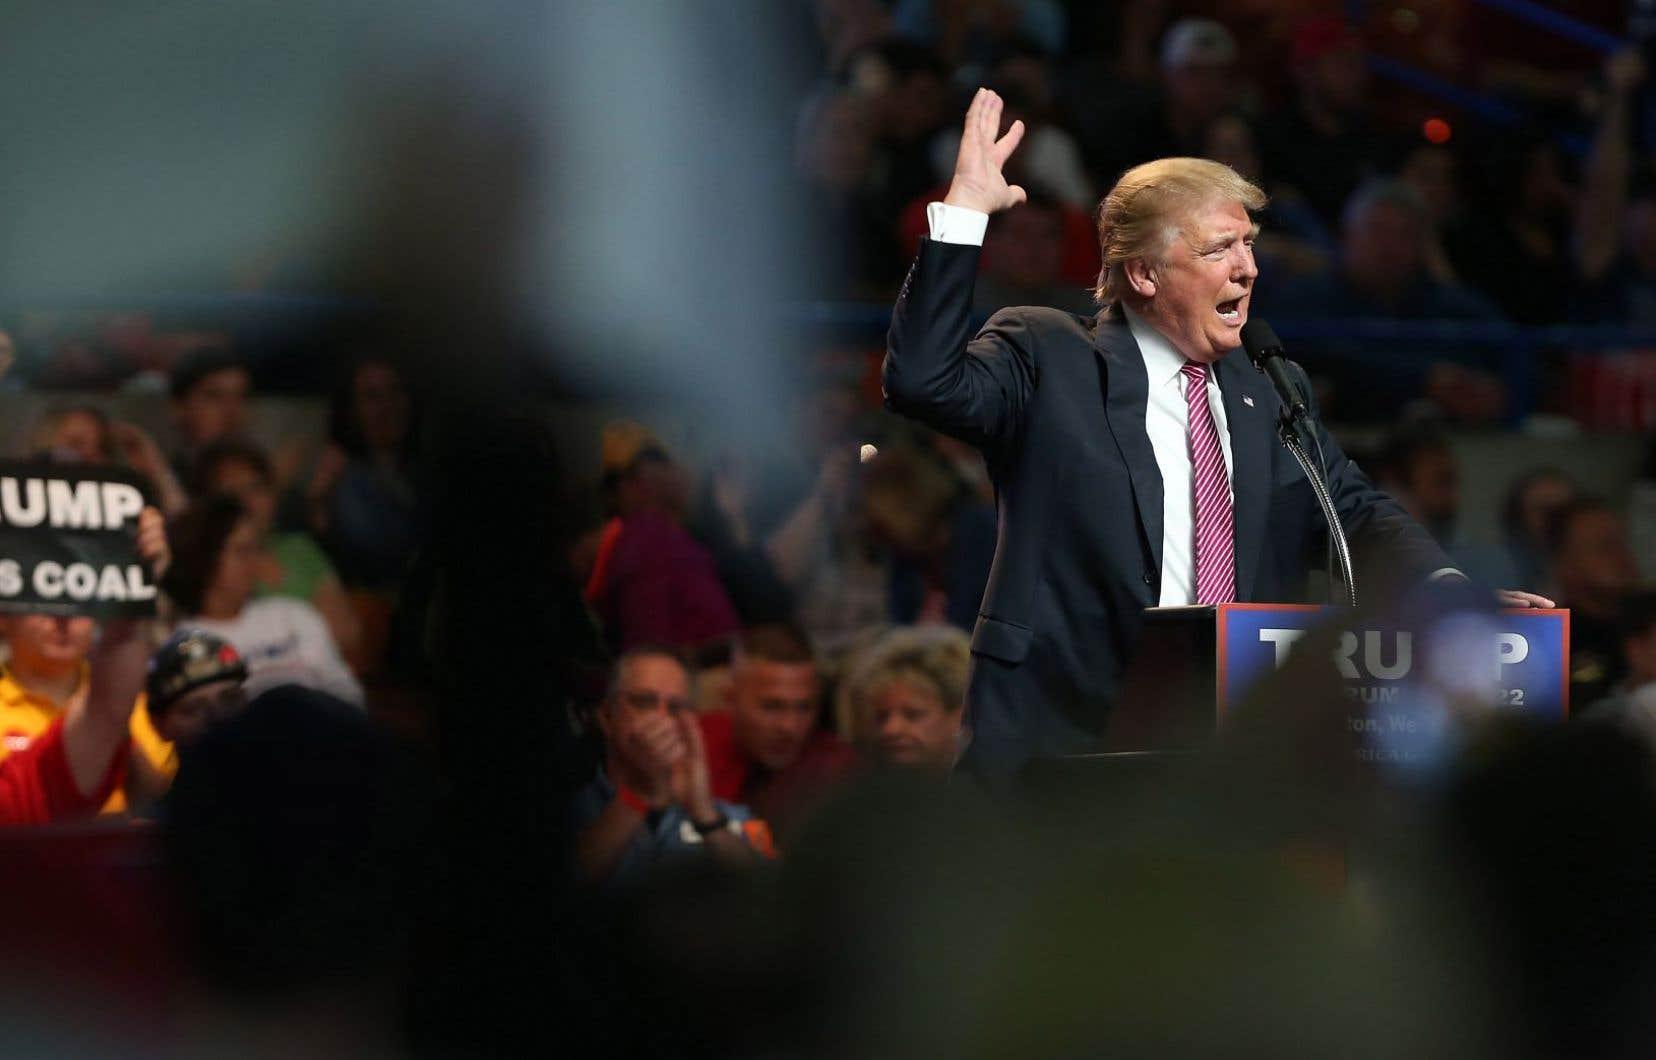 La réussite de la campagne de Donald Trump marque l'apogée de l'évolution de la politique américaine.